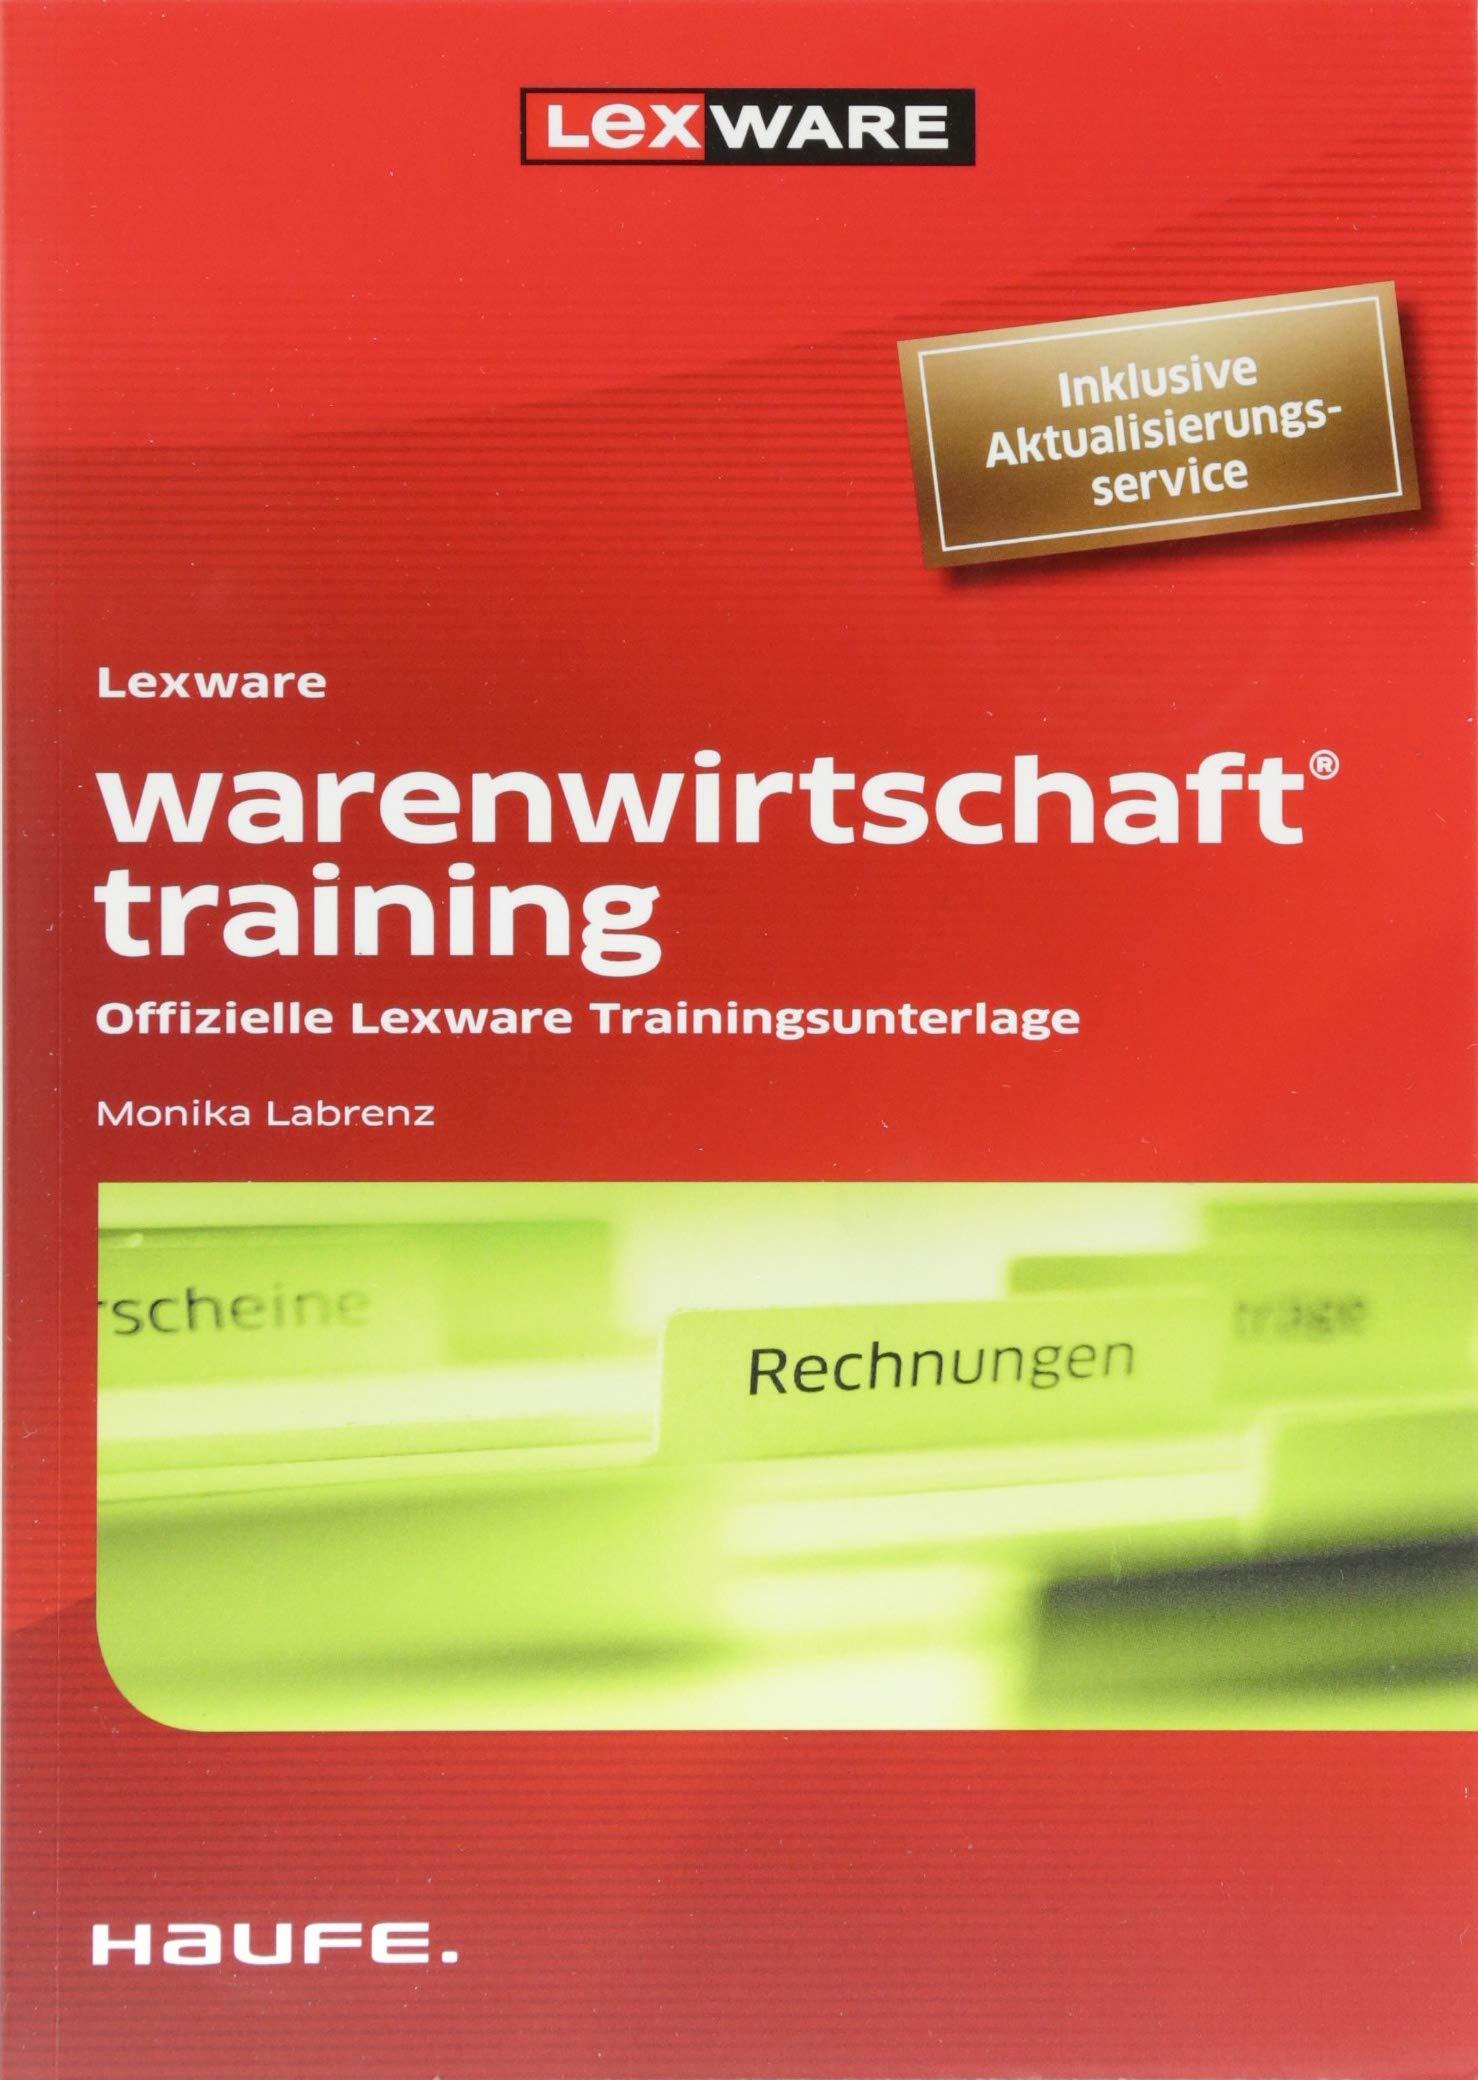 Lexware warenwirtschaft® training: Offizielle Lexware Trainingsunterlage Taschenbuch – 16. Juli 2018 Monika Labrenz Haufe 3648110454 Betriebswirtschaft